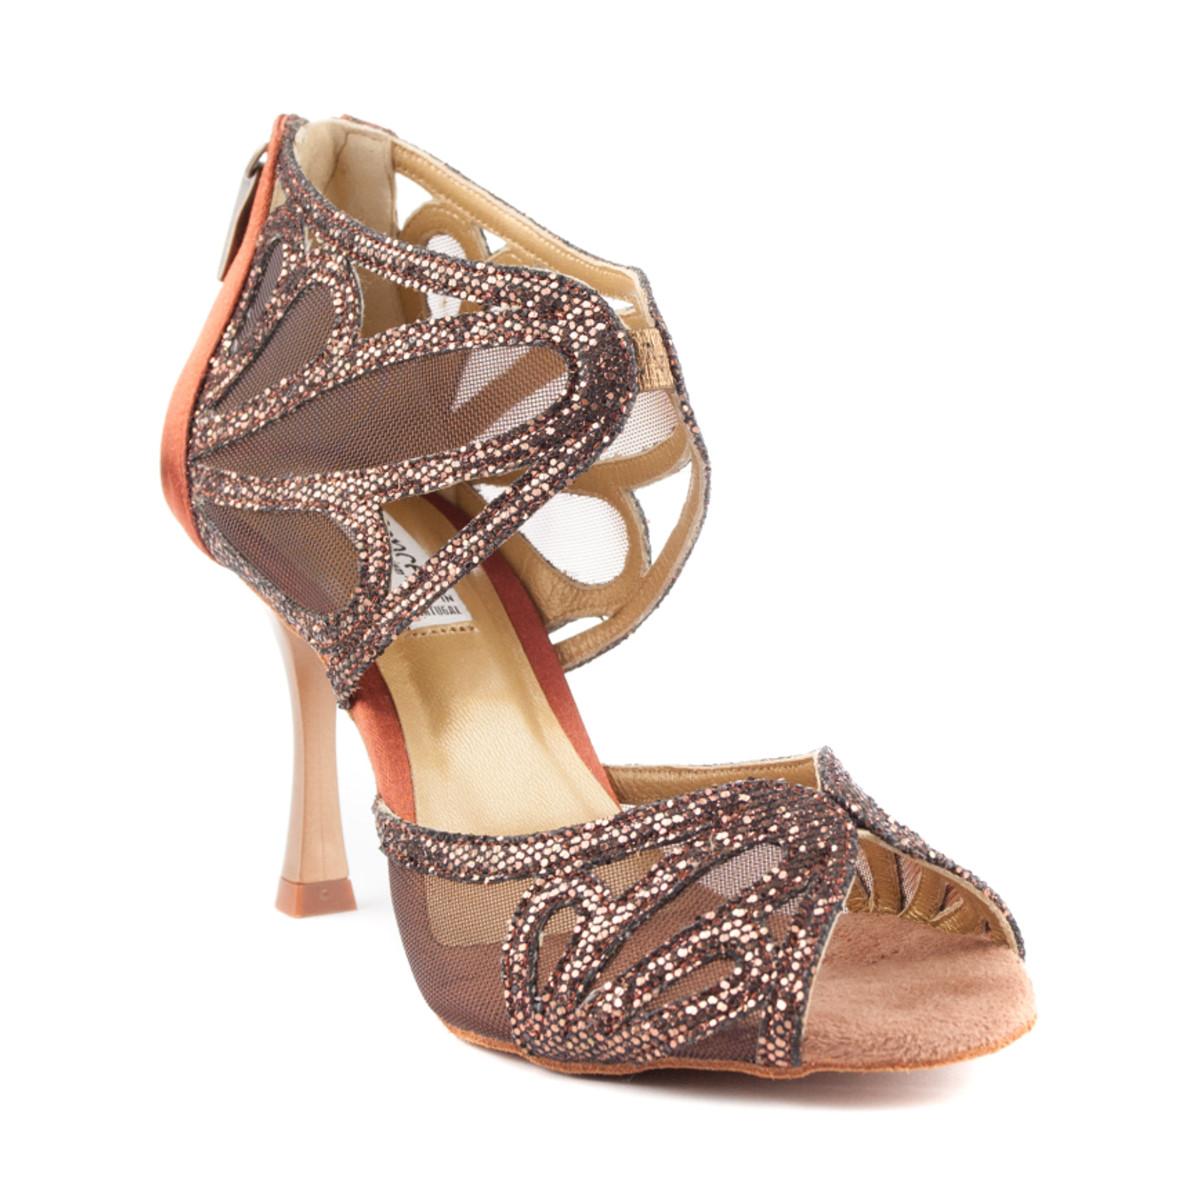 PortDance - Ladies Dance Shoes PD808 Pro Premium